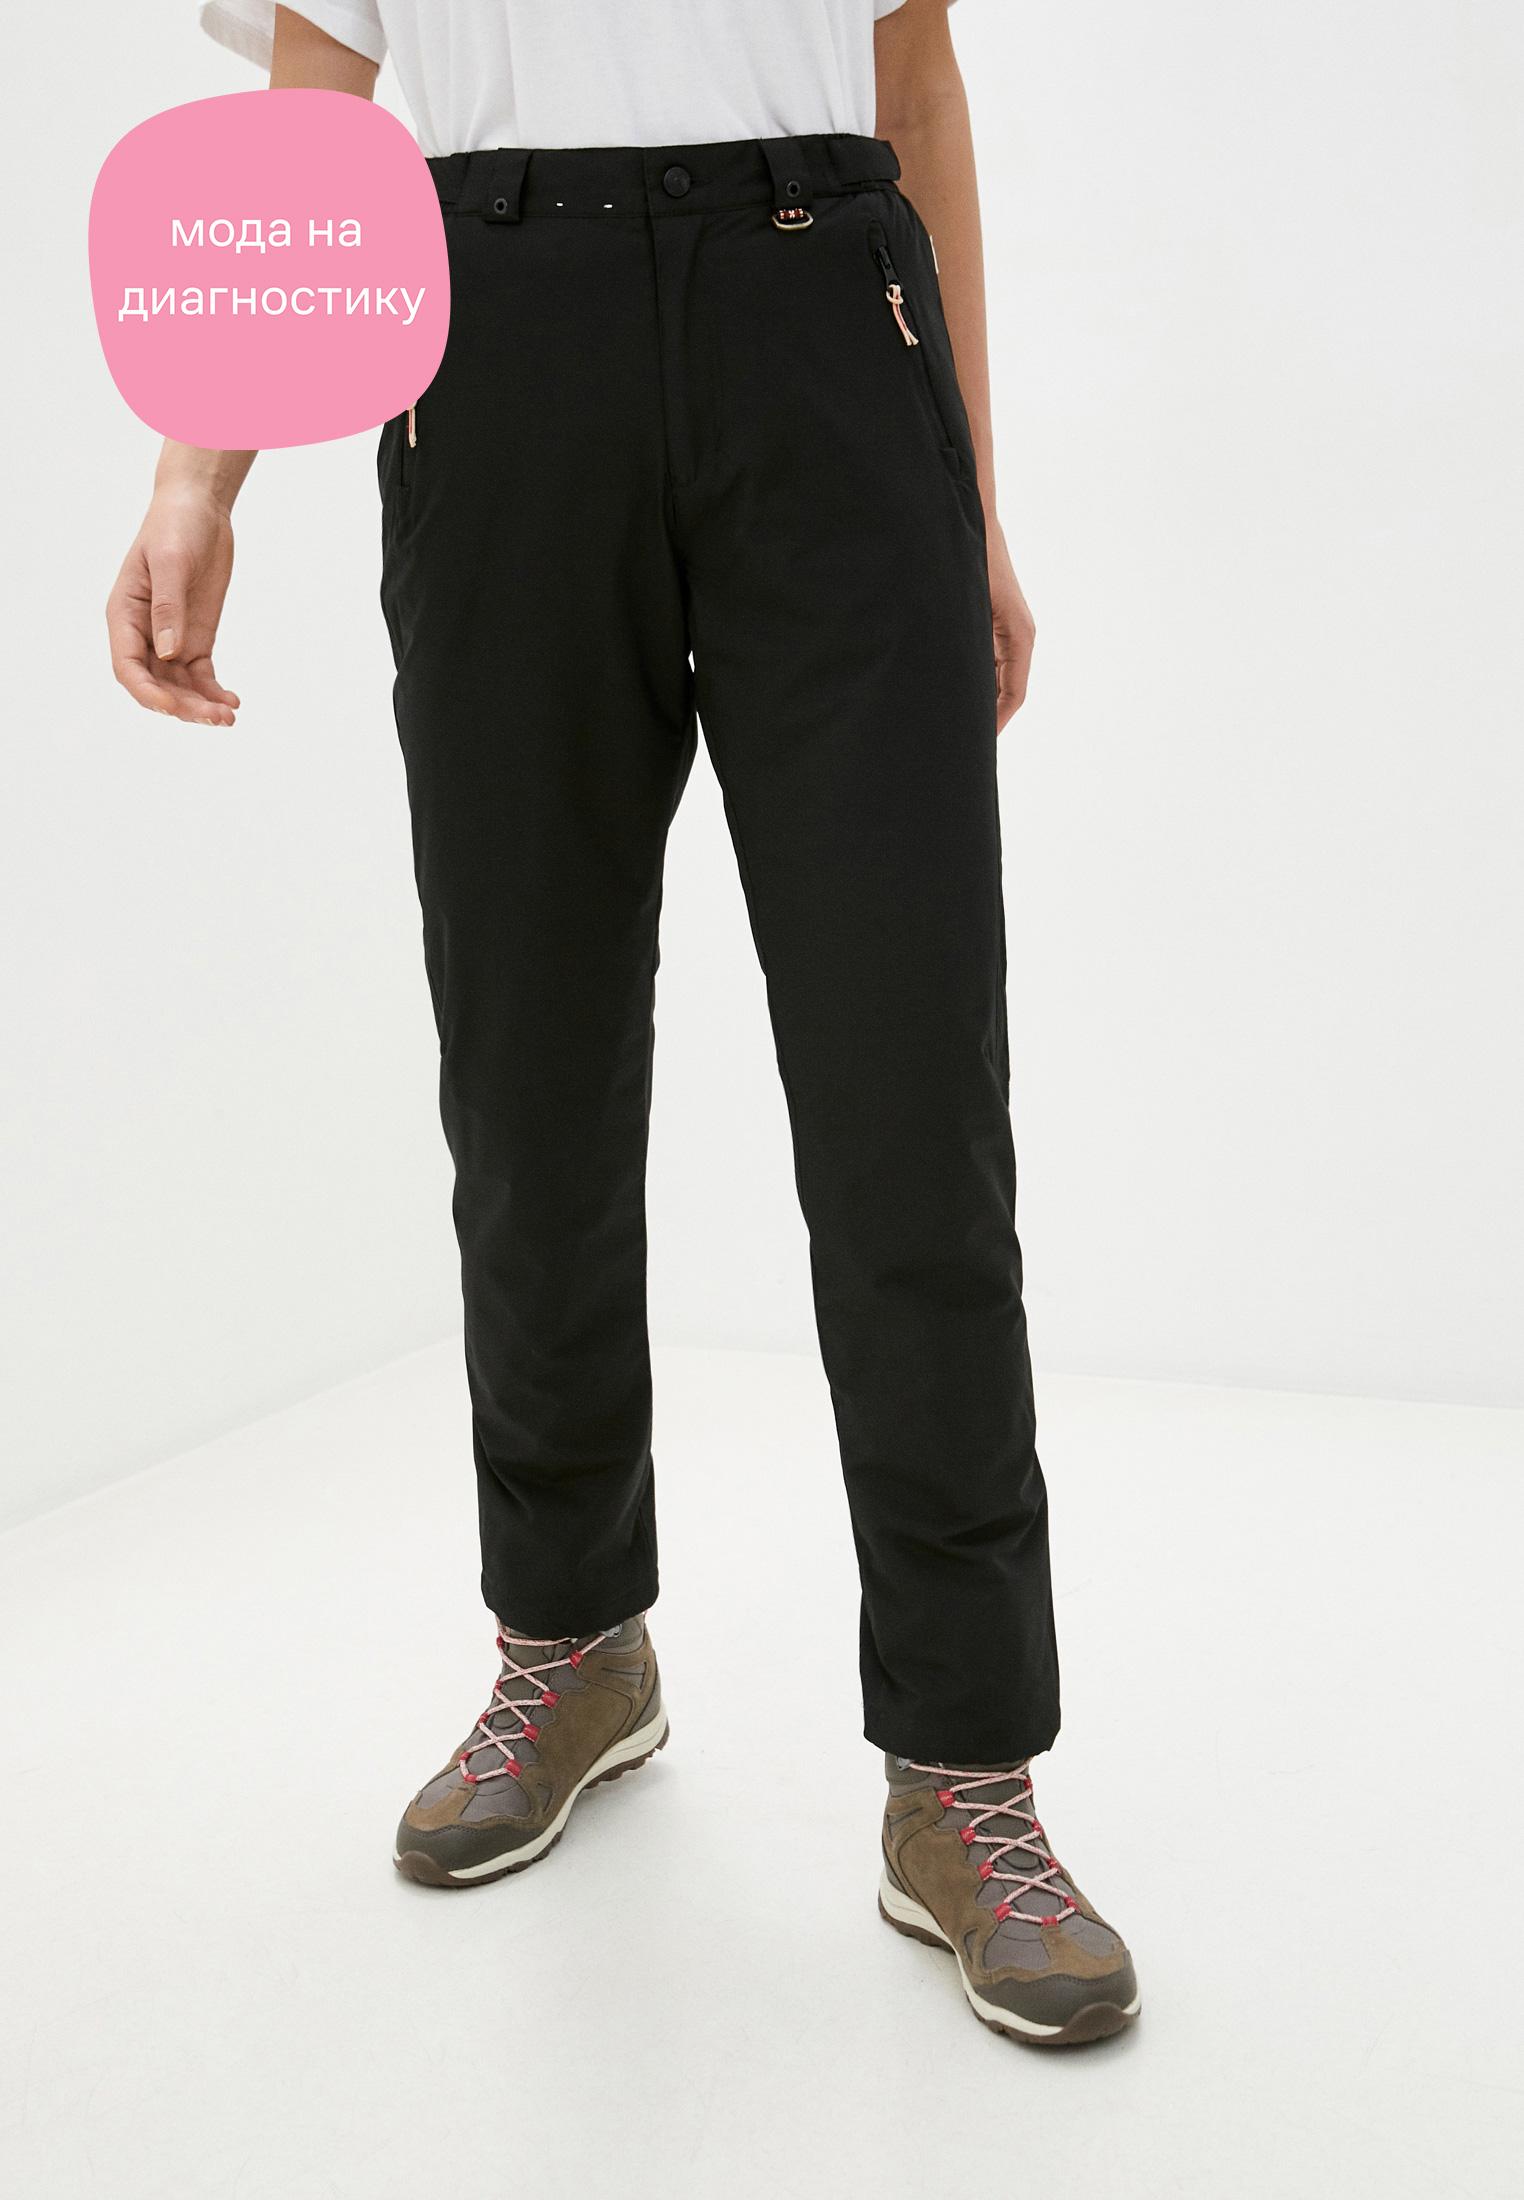 Женские брюки Torstai 641116010VRU